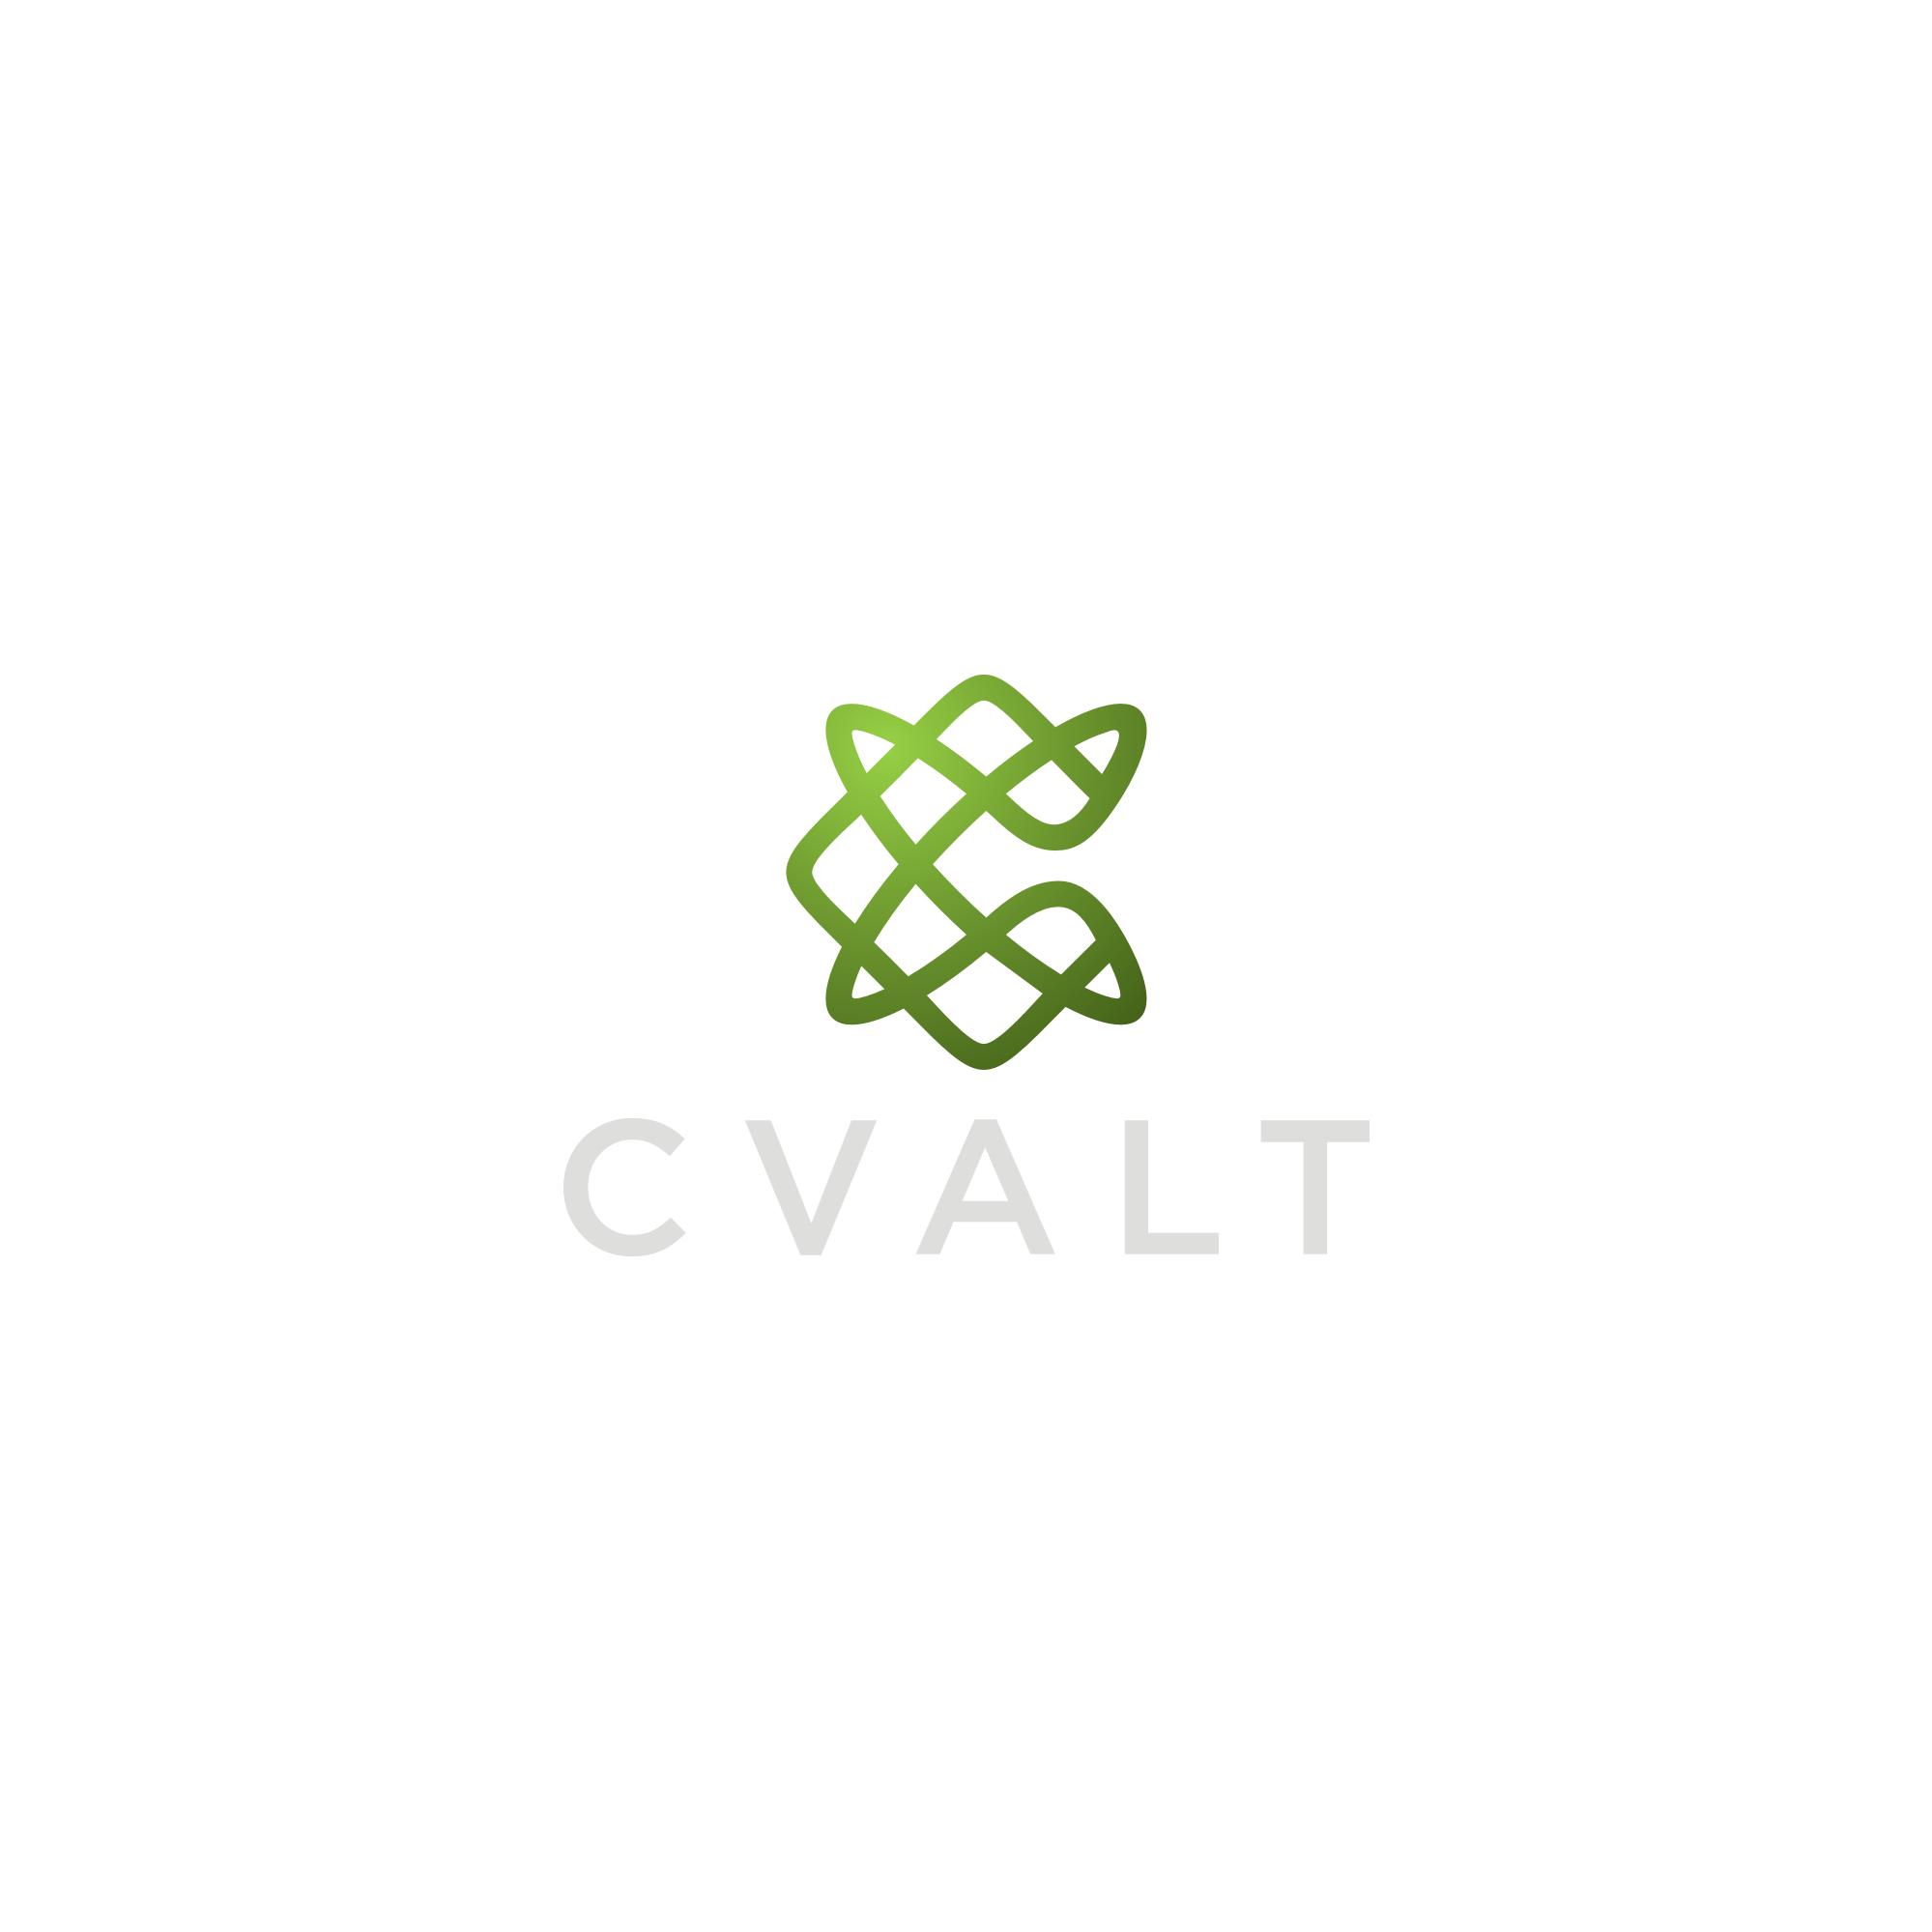 CVALT1.png